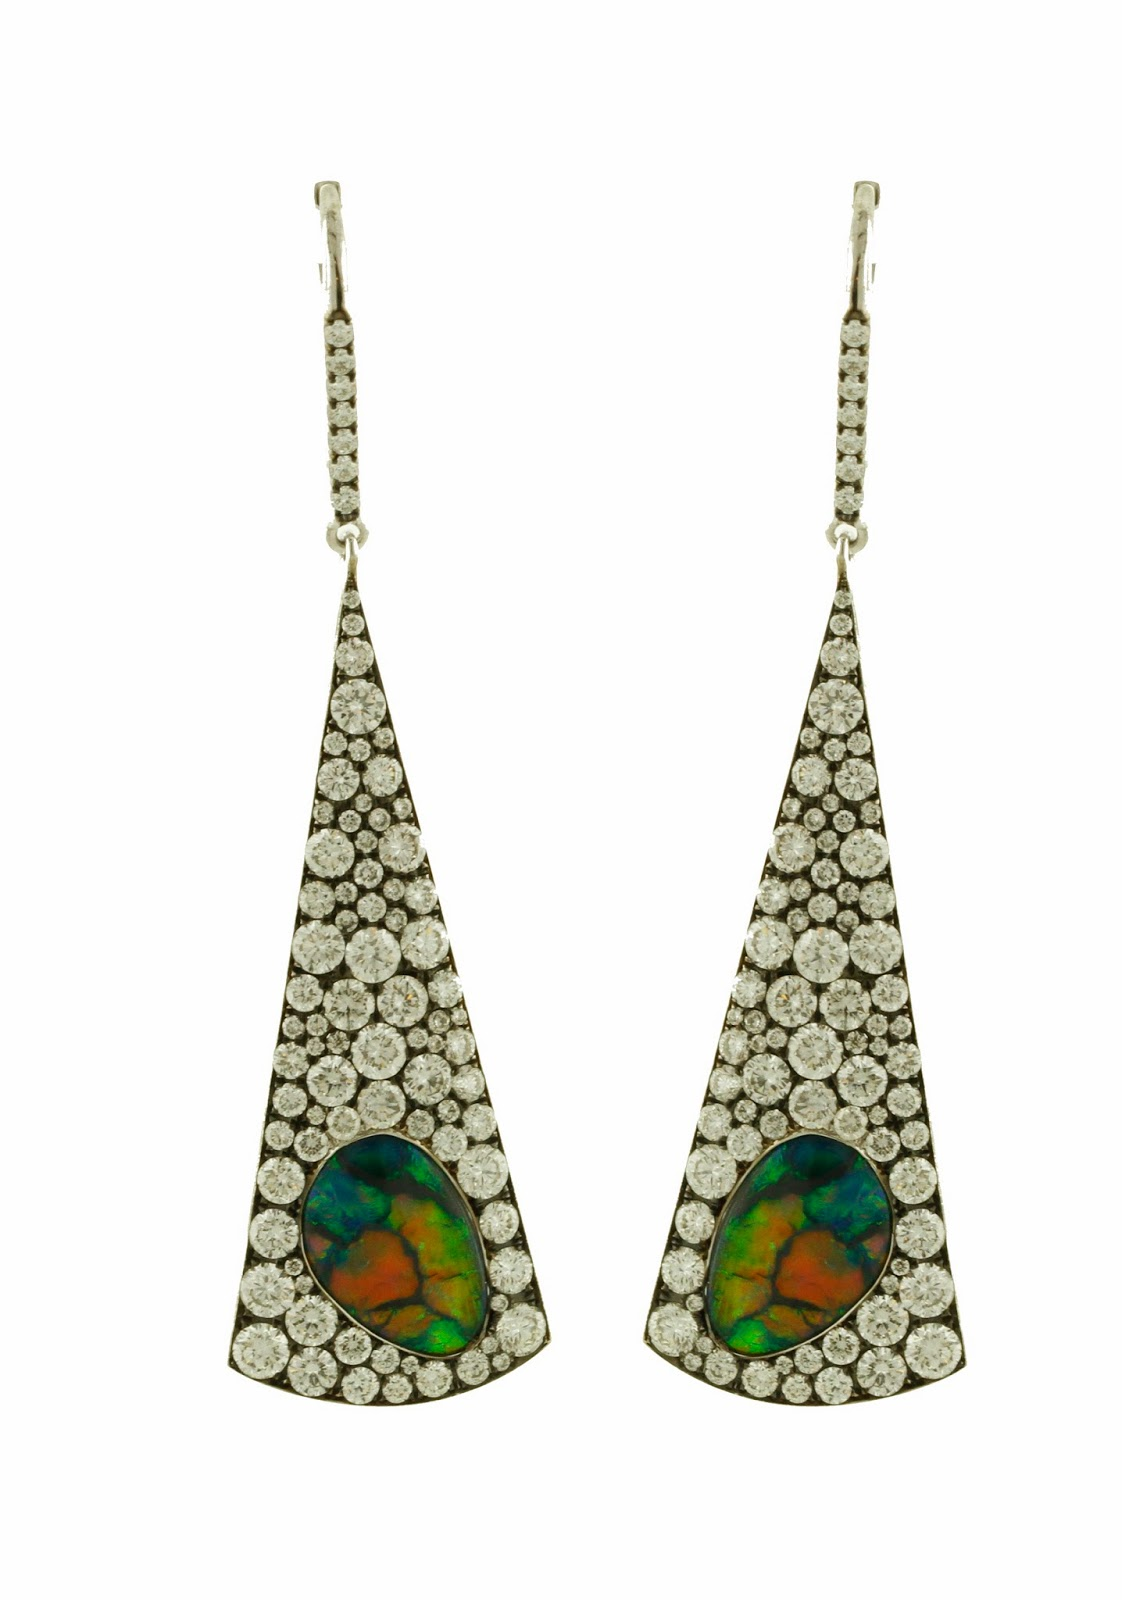 Best Jewelry Martin Katz Celebrates New York With Jewelry